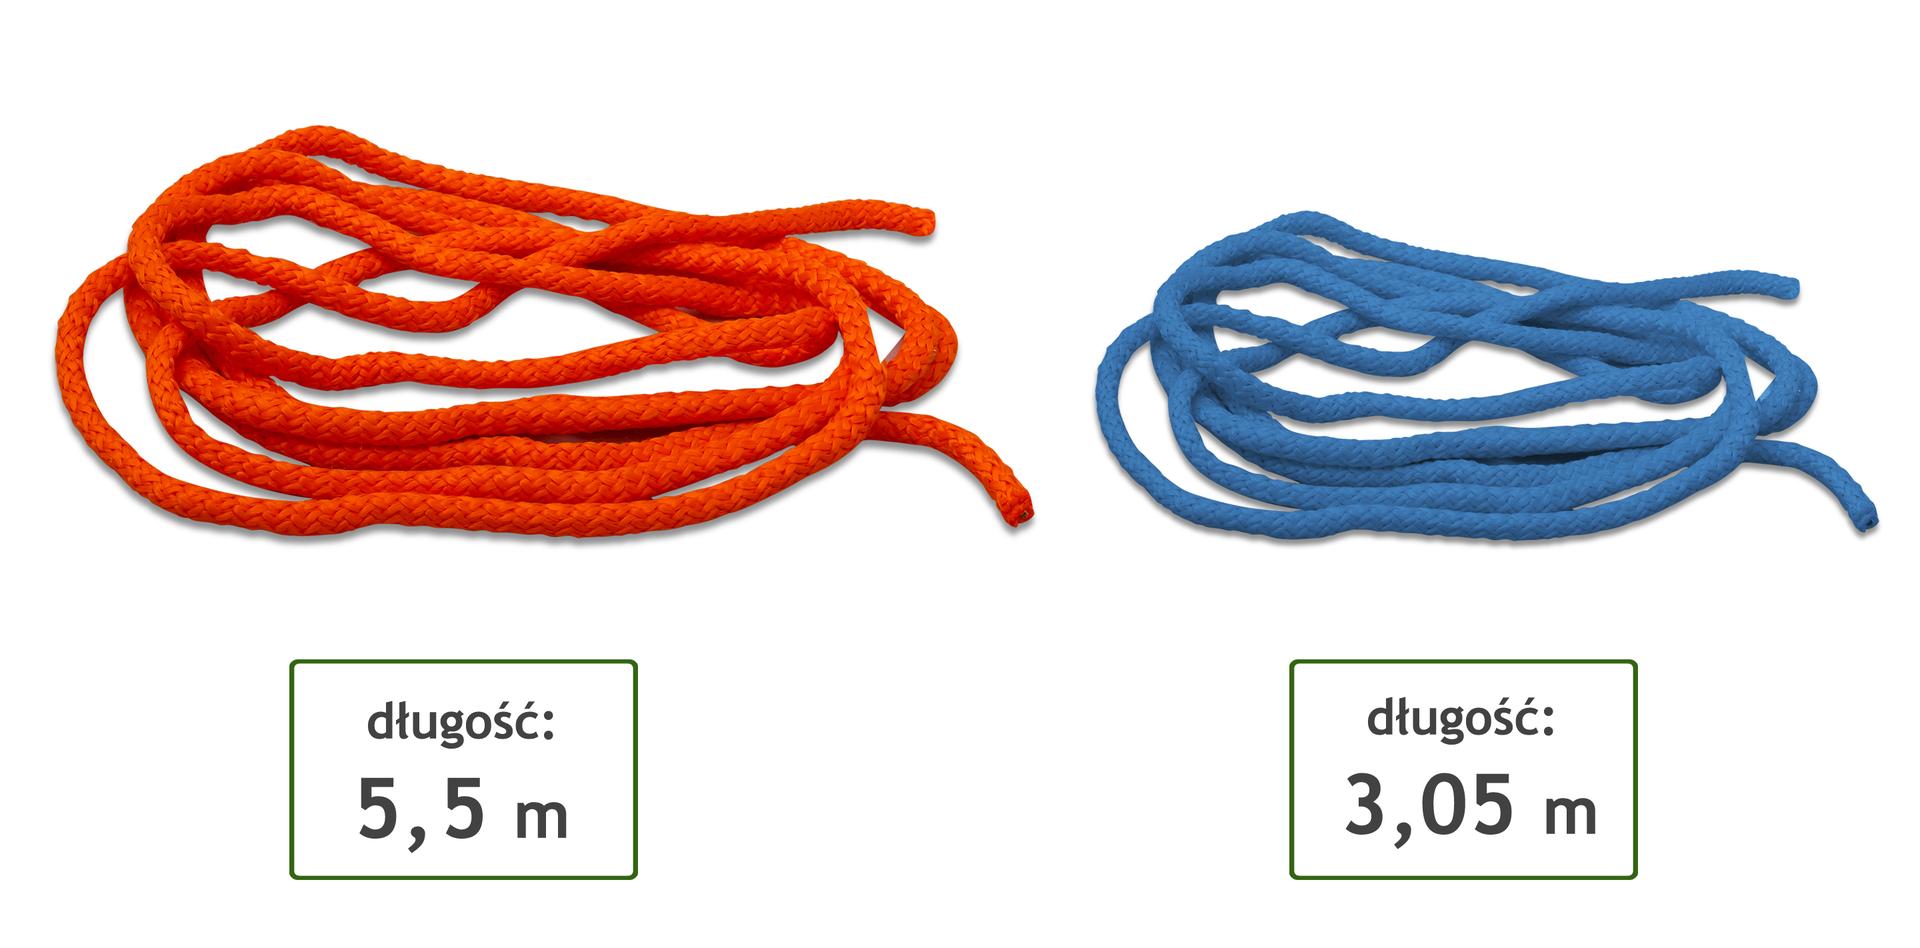 Rysunek dwóch różnych lin. Jedna lina ma długość 5 metrów, druga lina ma długość 3,05 metra.